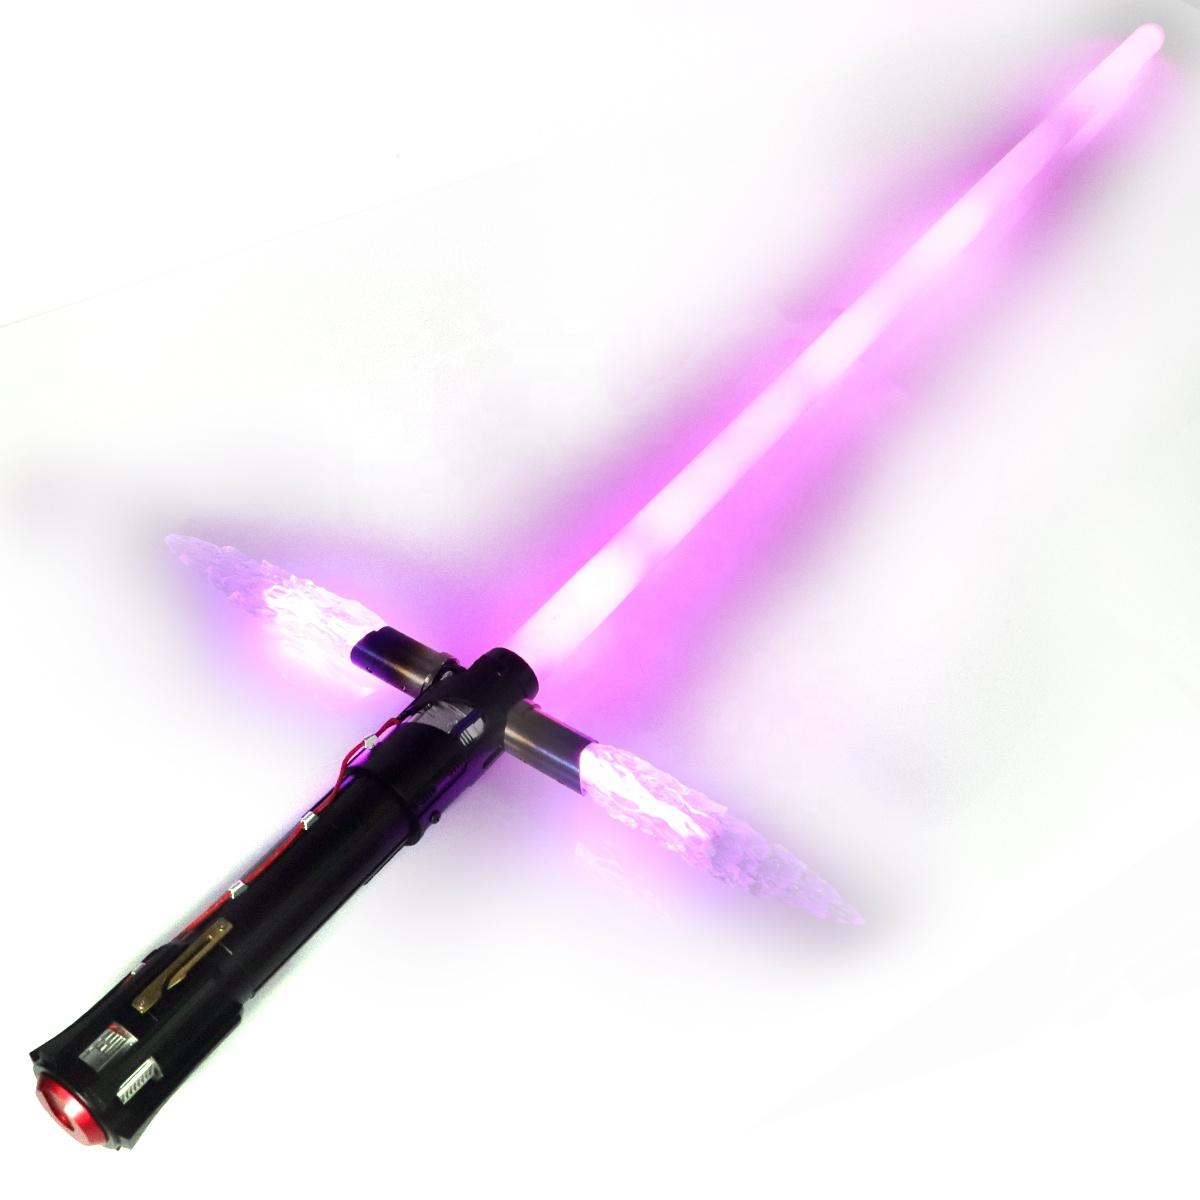 LGT SABERSTUDIO Damien Technology Lightsaber Heavy Dueling RGB Color Proffie neopixel Blade Cross Guard Light Saber Laser Sword